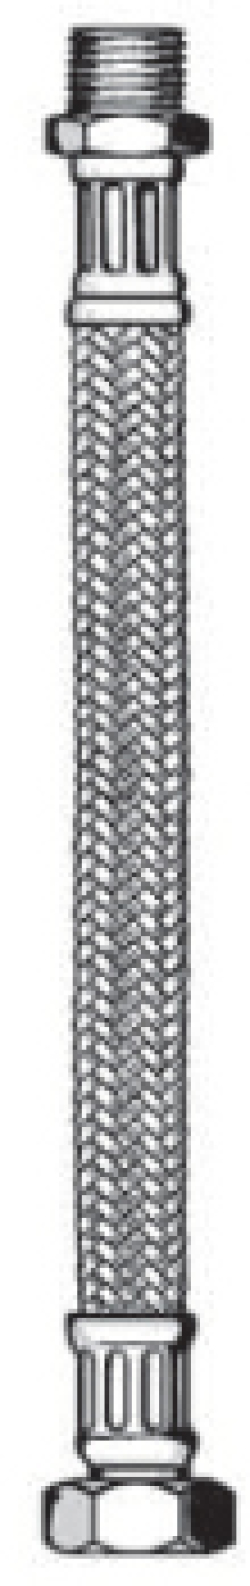 """Гибкие подводки 3/4"""" в металлической оплетке для питьевого водоснабжения, отопления и климатехники"""